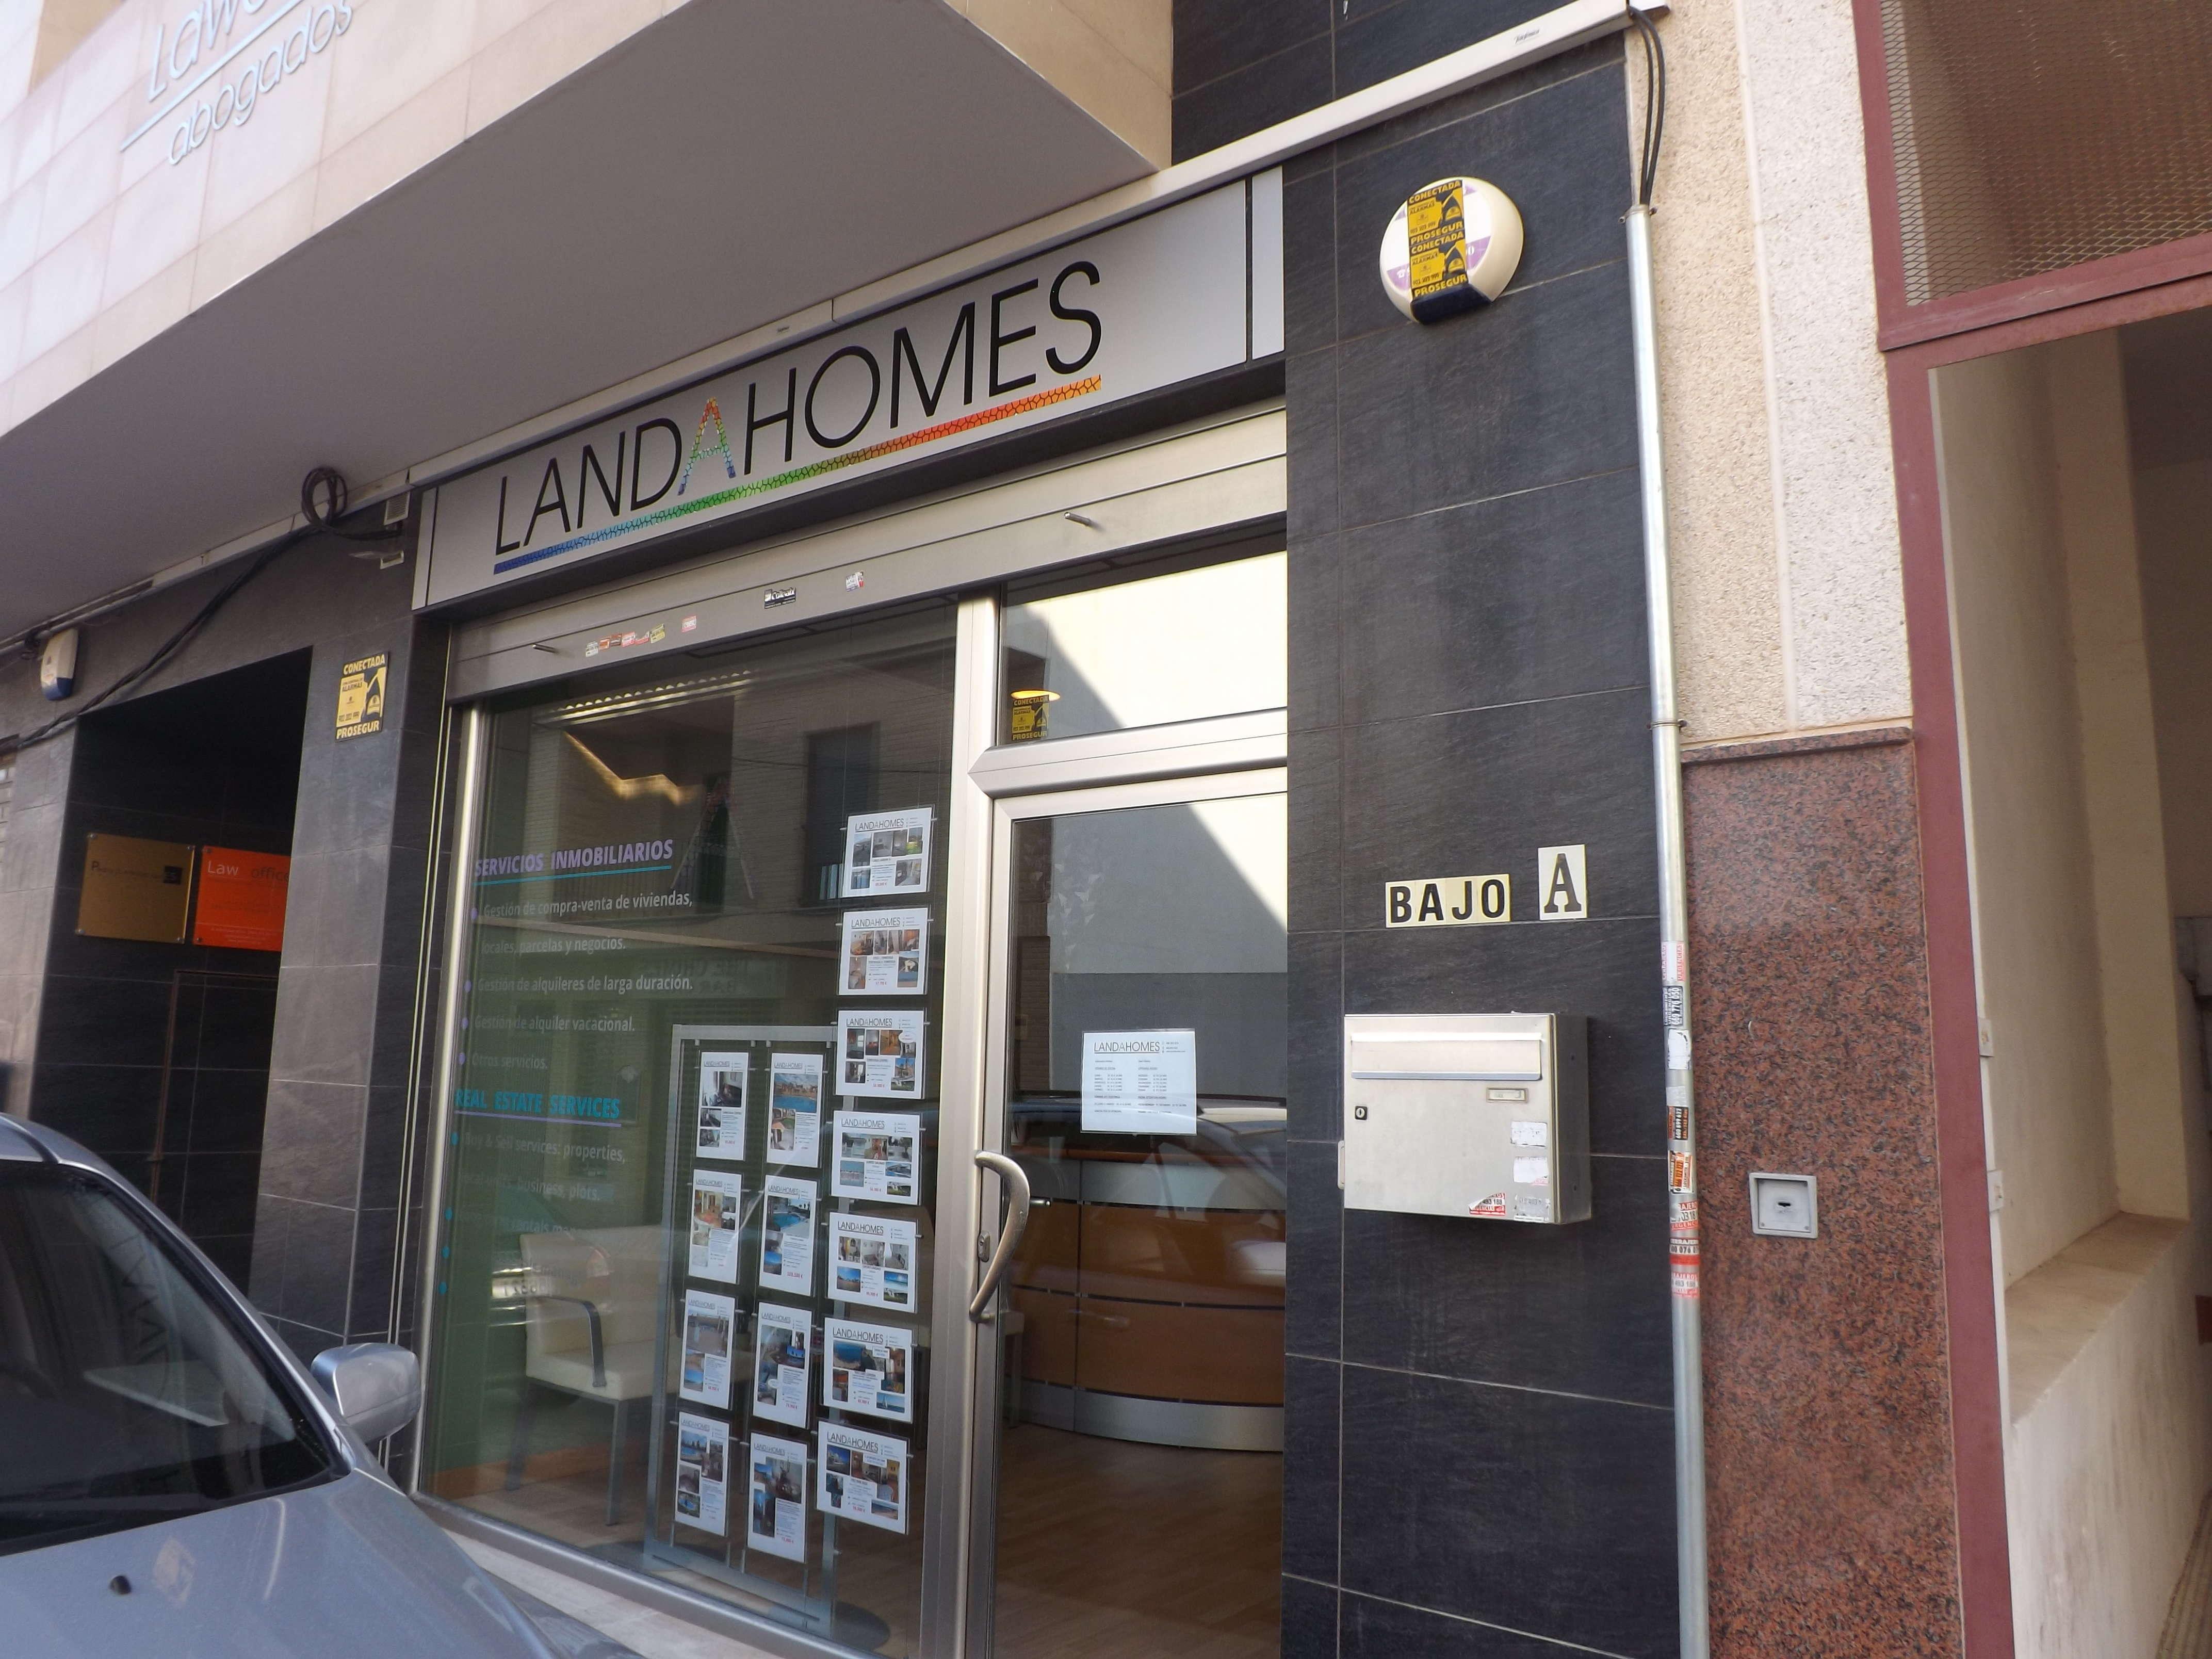 Casas en Orihuela Costa | Properties in Orihuela Costa | Inmobiliaria en San Miguel de Salinas